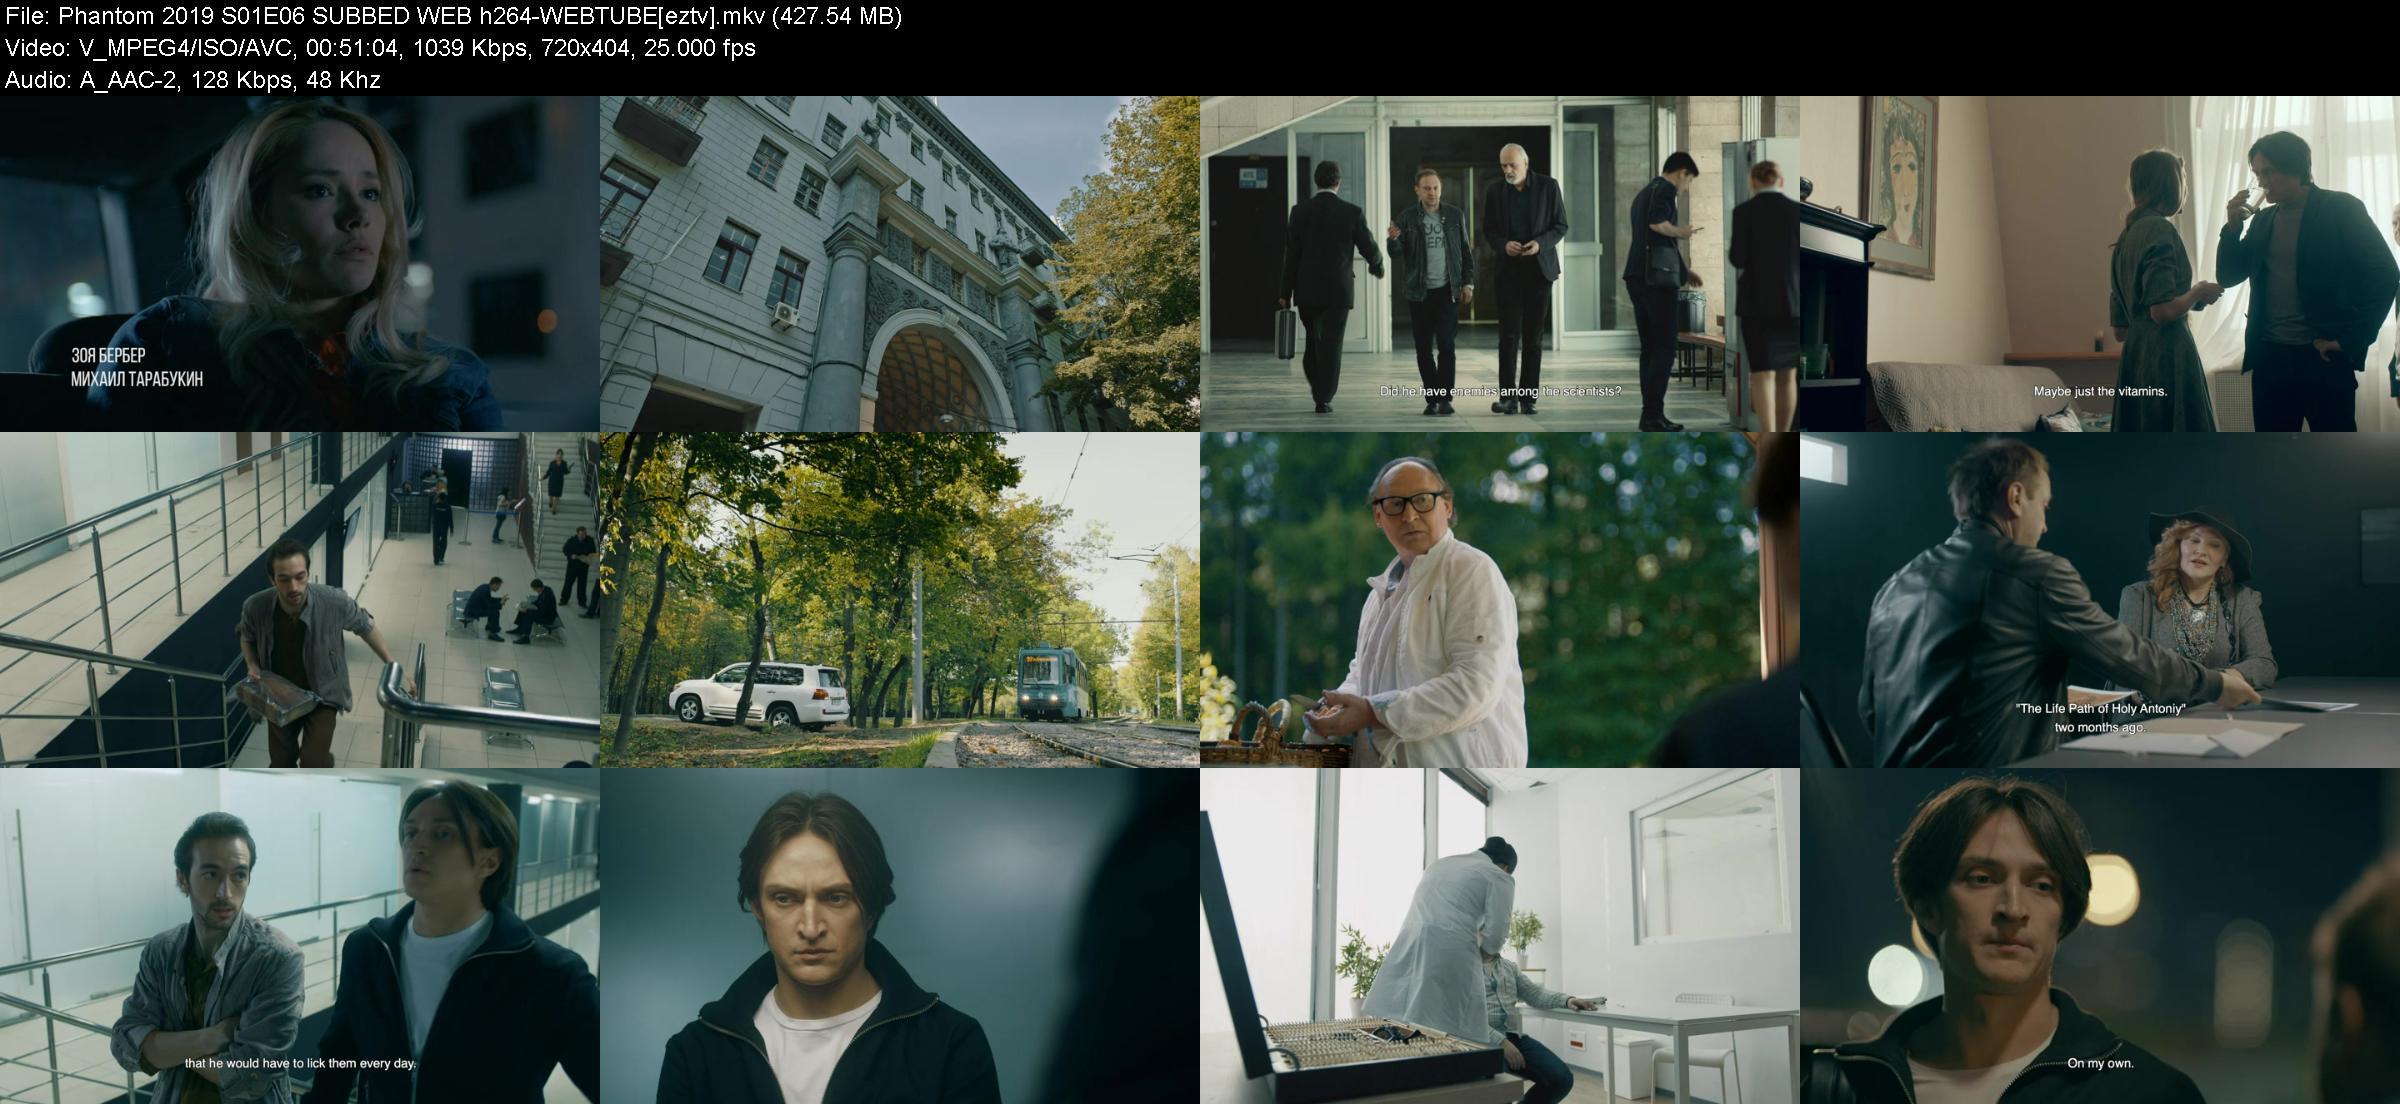 Phantom 2019 S01E06 SUBBED WEB h264-WEBTUBE